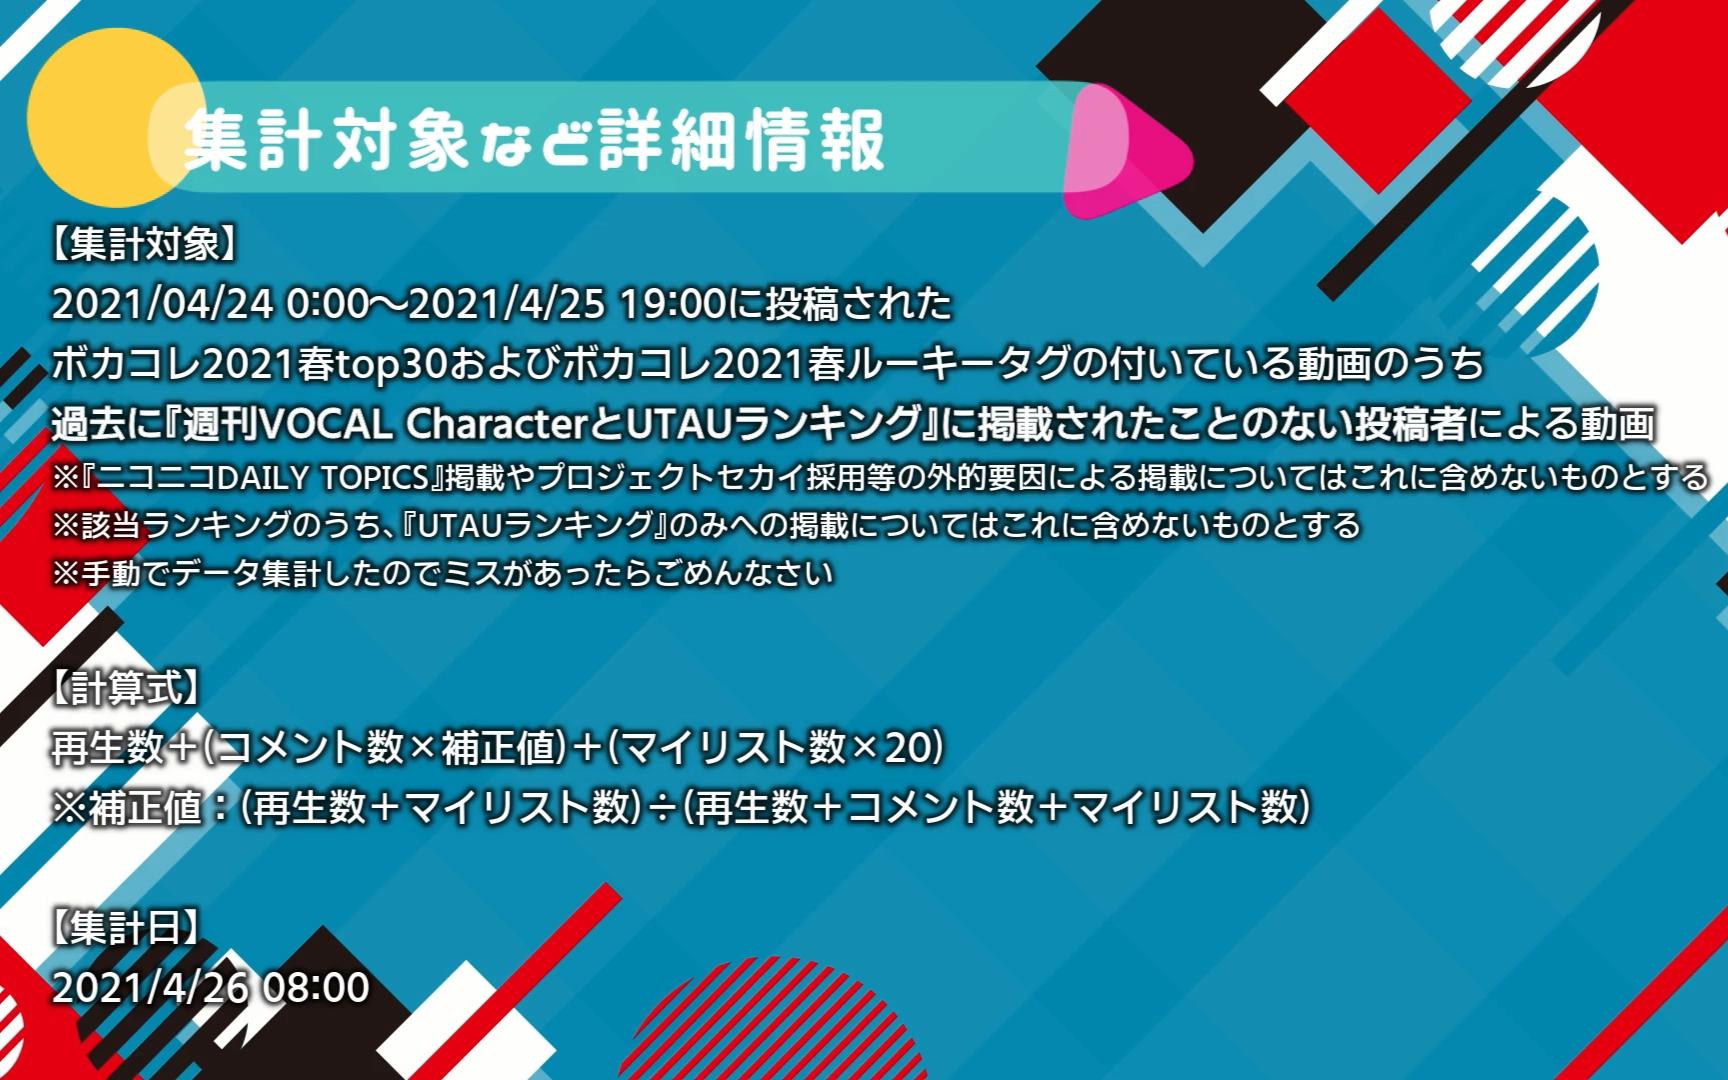 【100曲】ボカコレ2021春 _ 真・ルーキーランキング!【後編】 【もなか最中/御丹宮くるみ】